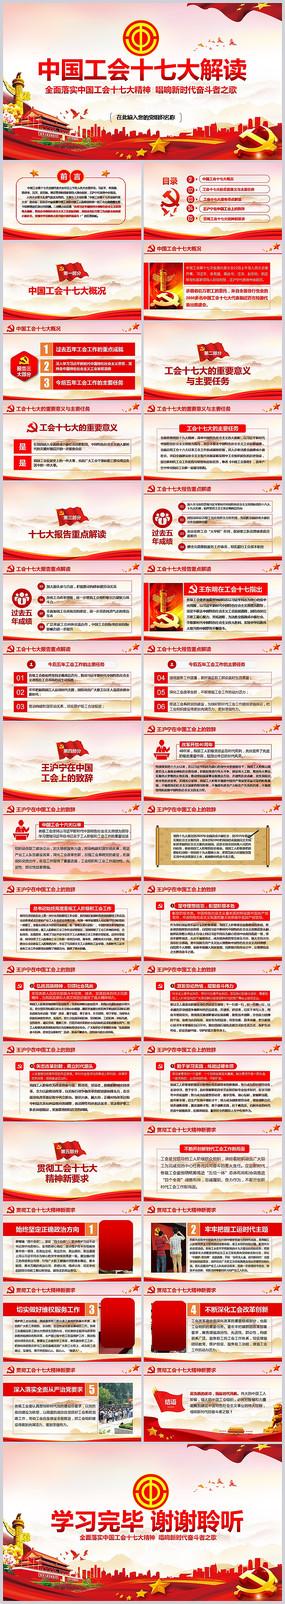 中国工会十七大学习解读PPT pptx